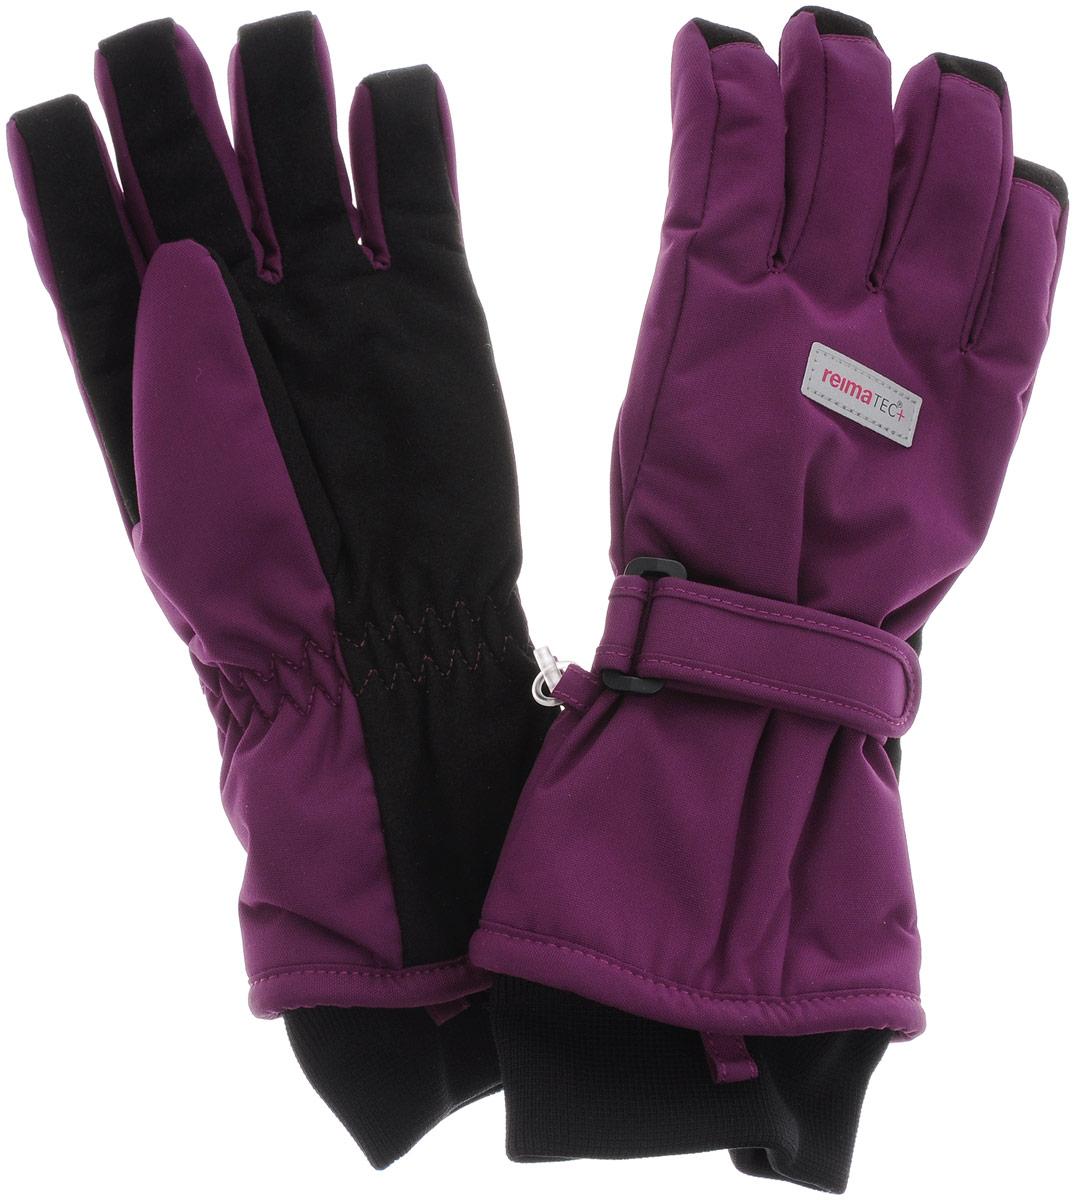 Перчатки детские Reima Reimatec+ Tartu, цвет: бордовый. 527251-4900. Размер 8527251-4900Детские перчатки Reima Reimatec+ Tartu станут идеальным вариантом для холодной зимней погоды. На подкладке используется высококачественный полиэстер, который хорошо удерживает тепло.Для большего удобства на запястьях перчатки дополнены хлястиками на липучках с внешней стороны, а на ладошках, кончиках пальцев и с внутренней стороны большого пальца - усиленными водонепроницаемивставками Hipora. Теплая флисовая подкладка дарит коже ощущение комфорта и уюта. С внешней стороны перчатки оформлены светоотражающими нашивками с логотипом бренда. Высокая степень утепления. Перчатки станут идеальным вариантом для прохладной погоды, в них ребенку будет тепло и комфортно. Водонепроницаемость: Waterpillar over 10 000 mm